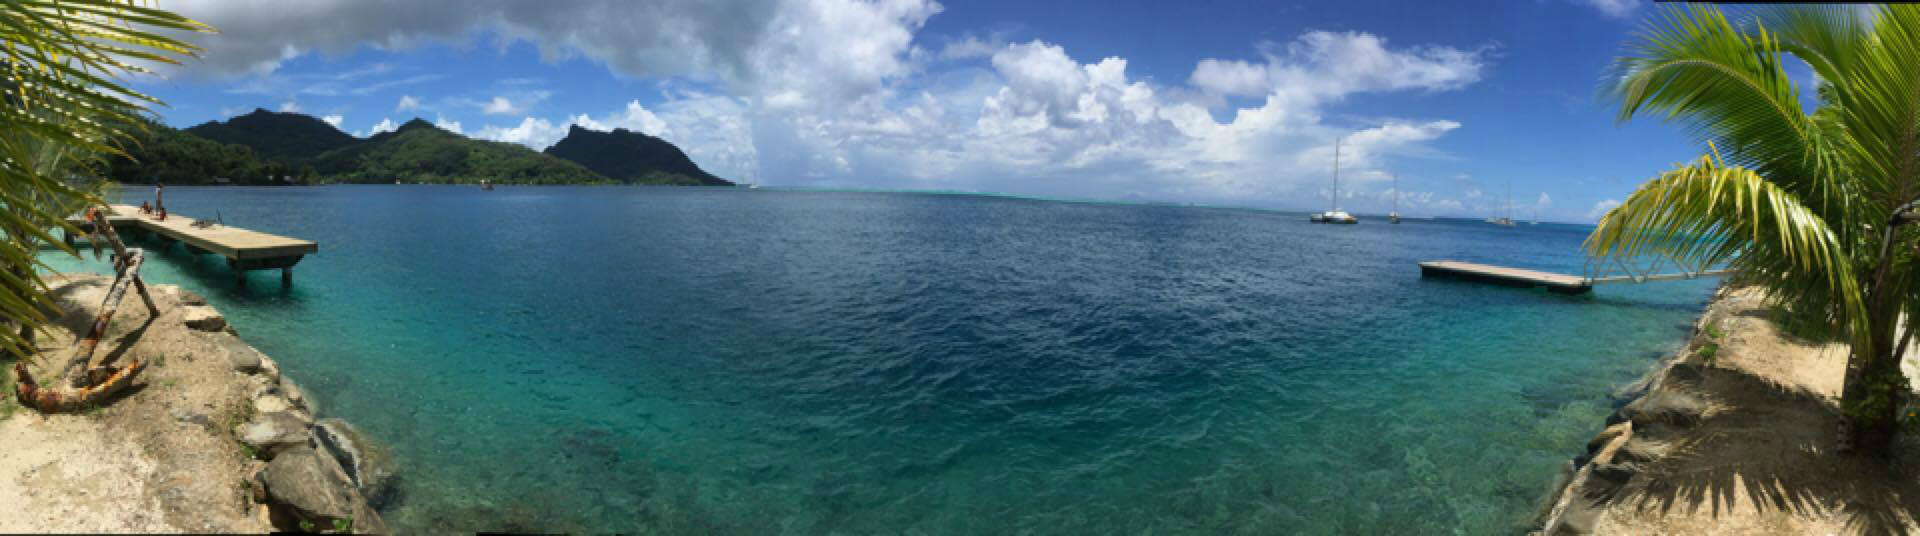 tahiti-cruises